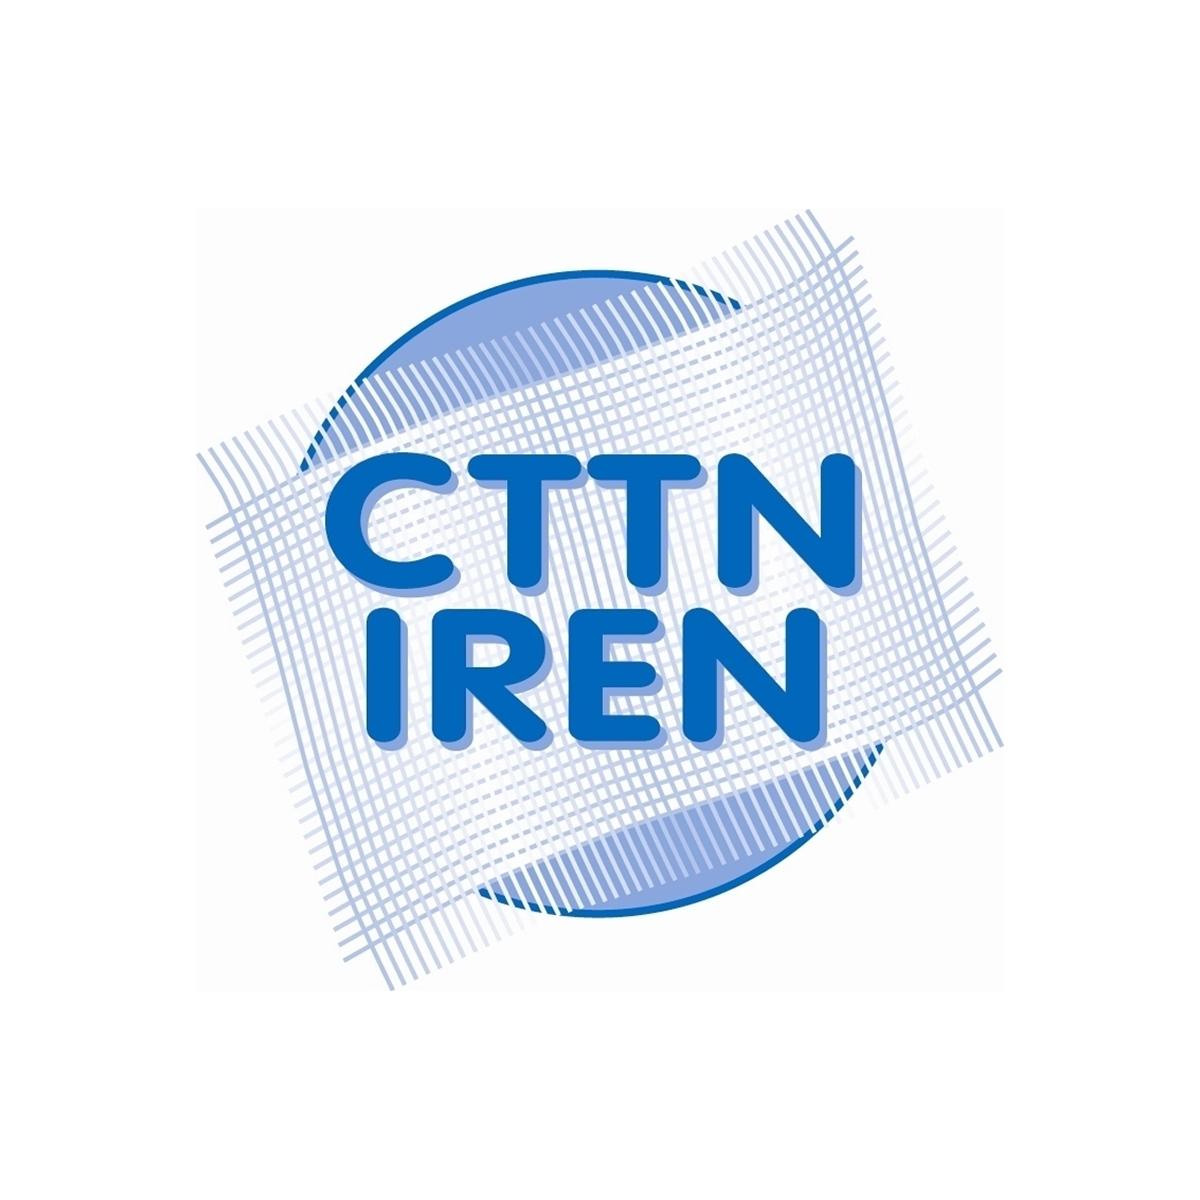 cttn logo réseau